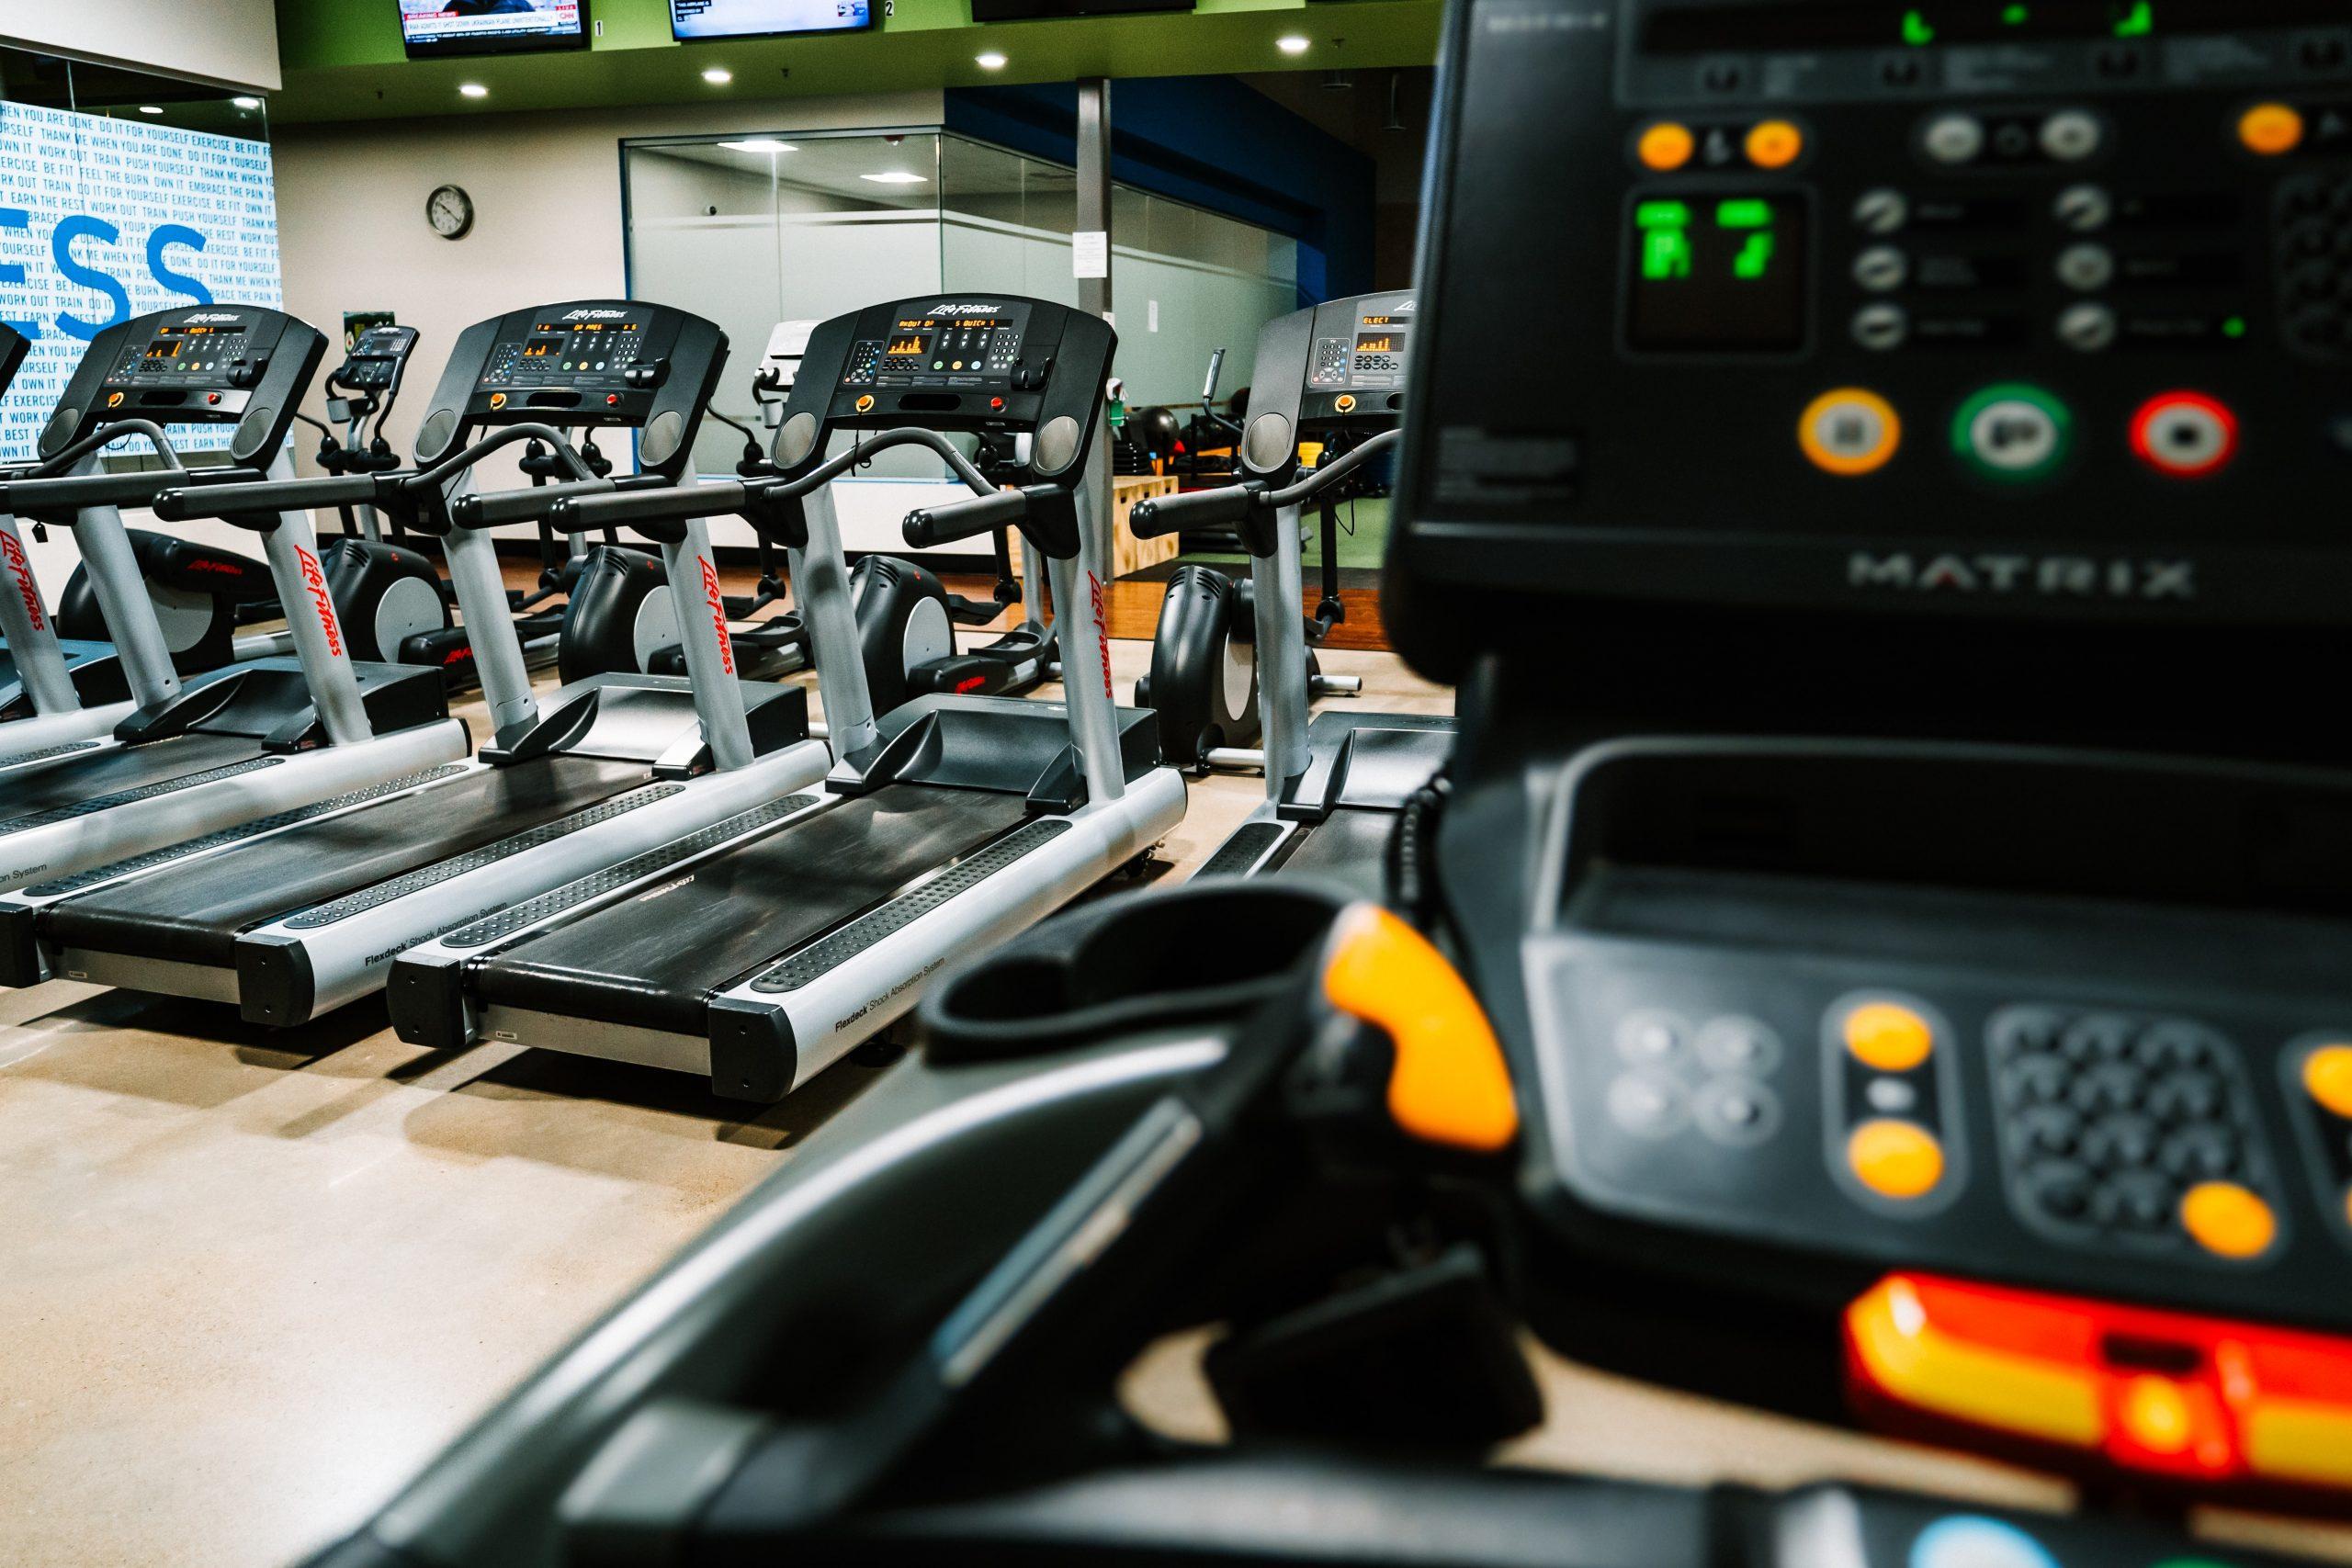 a row of empty treadmills